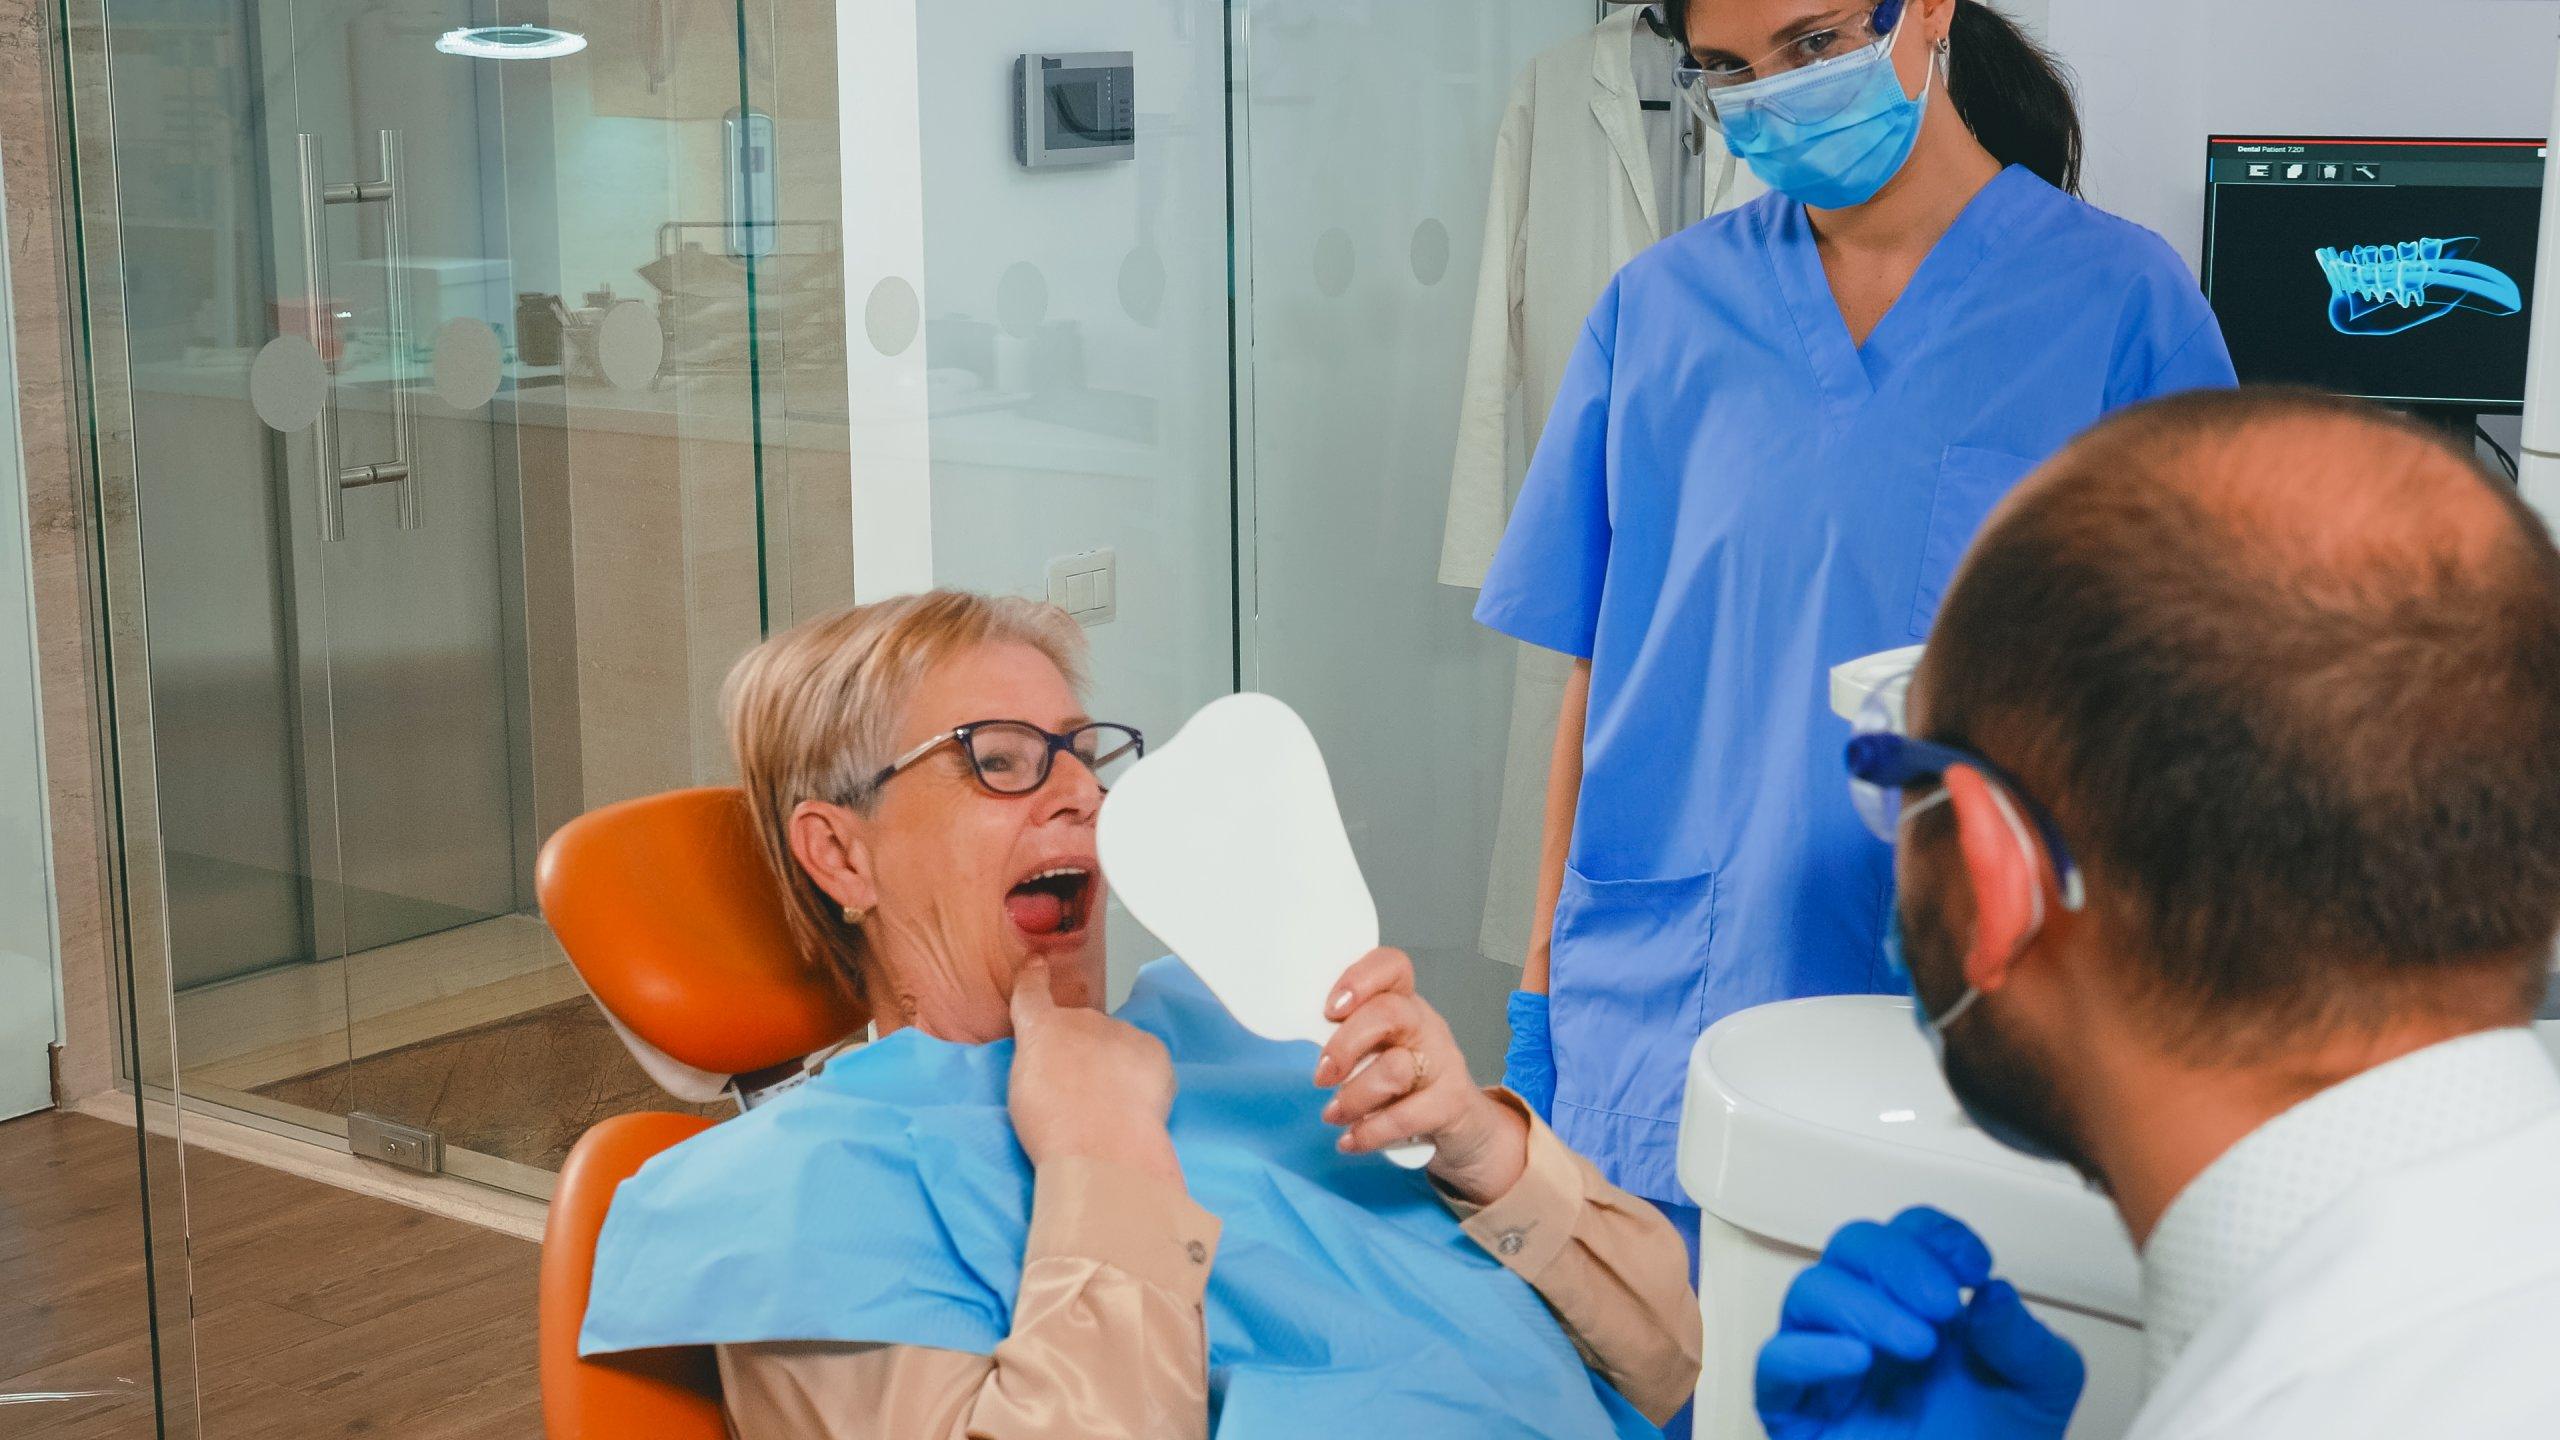 השתלת שיניים בגאורגיה - אישה מסתכלת במראה לאחר ניתוח